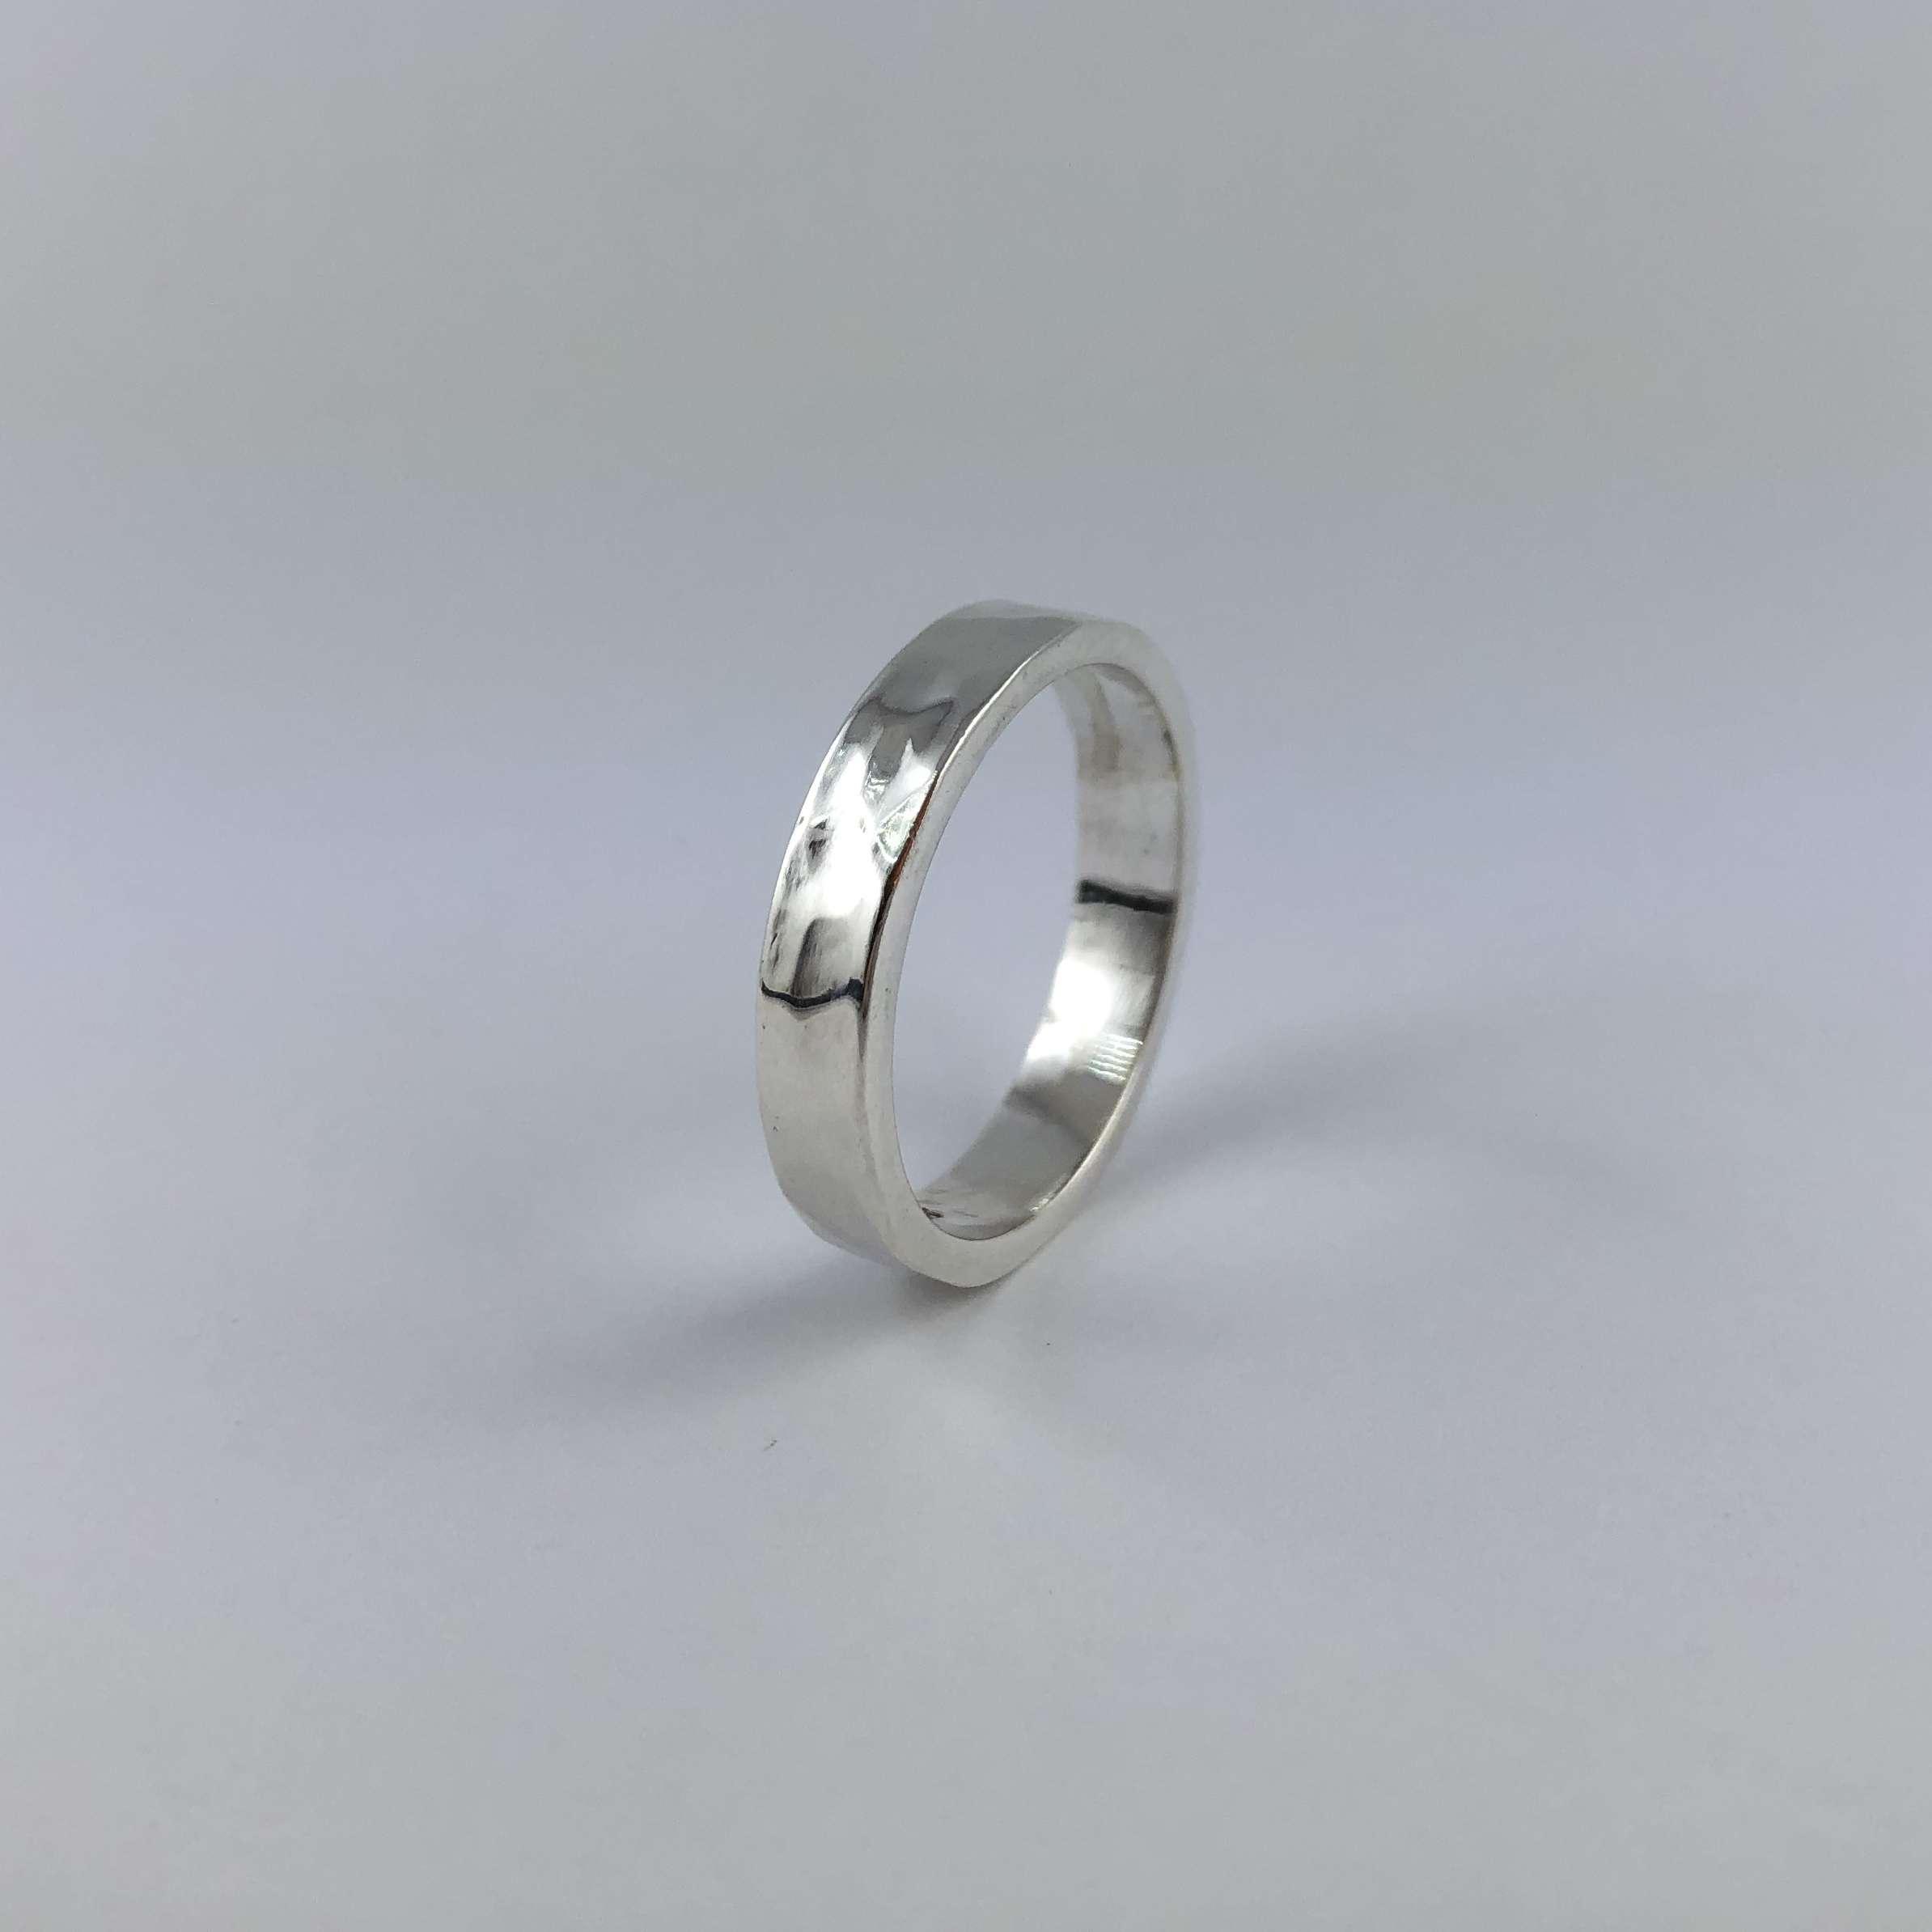 vendita calda online 80b5a 1f4fd Anello in argento 925